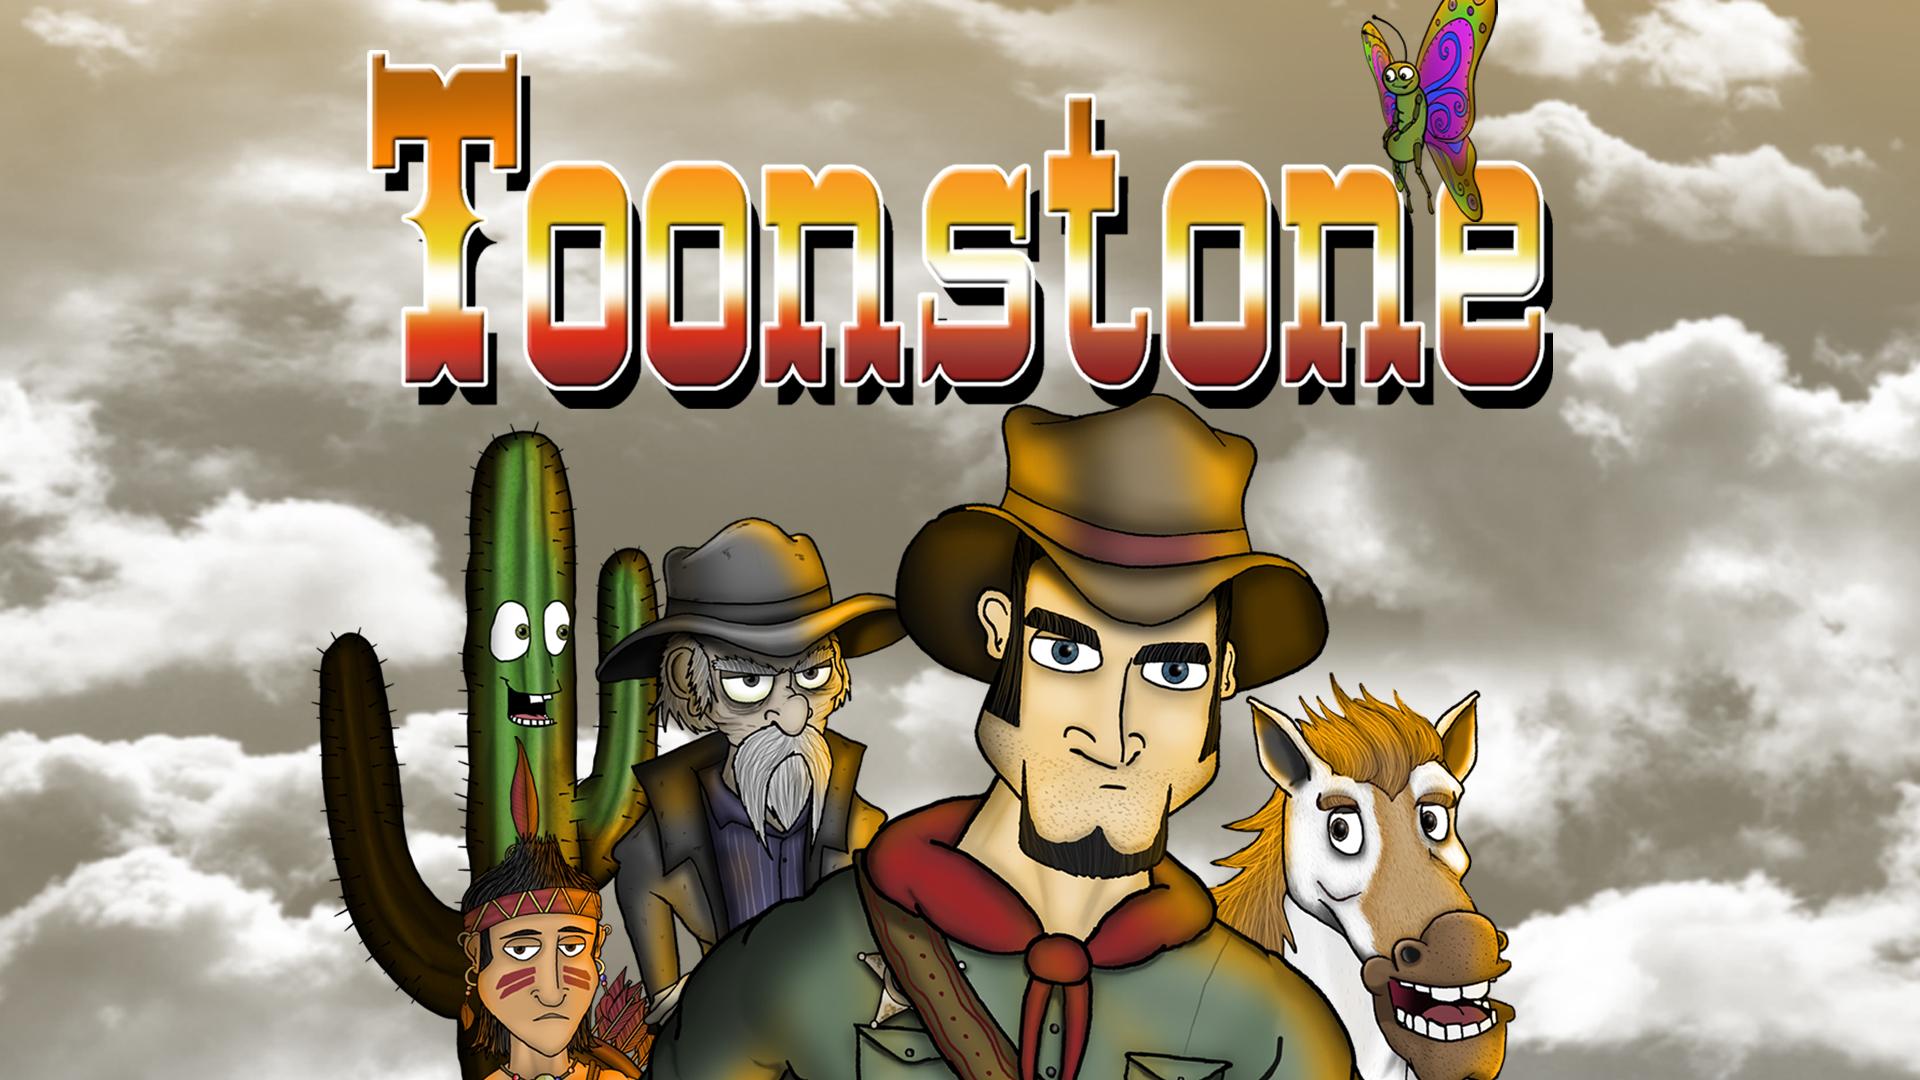 Toonstone